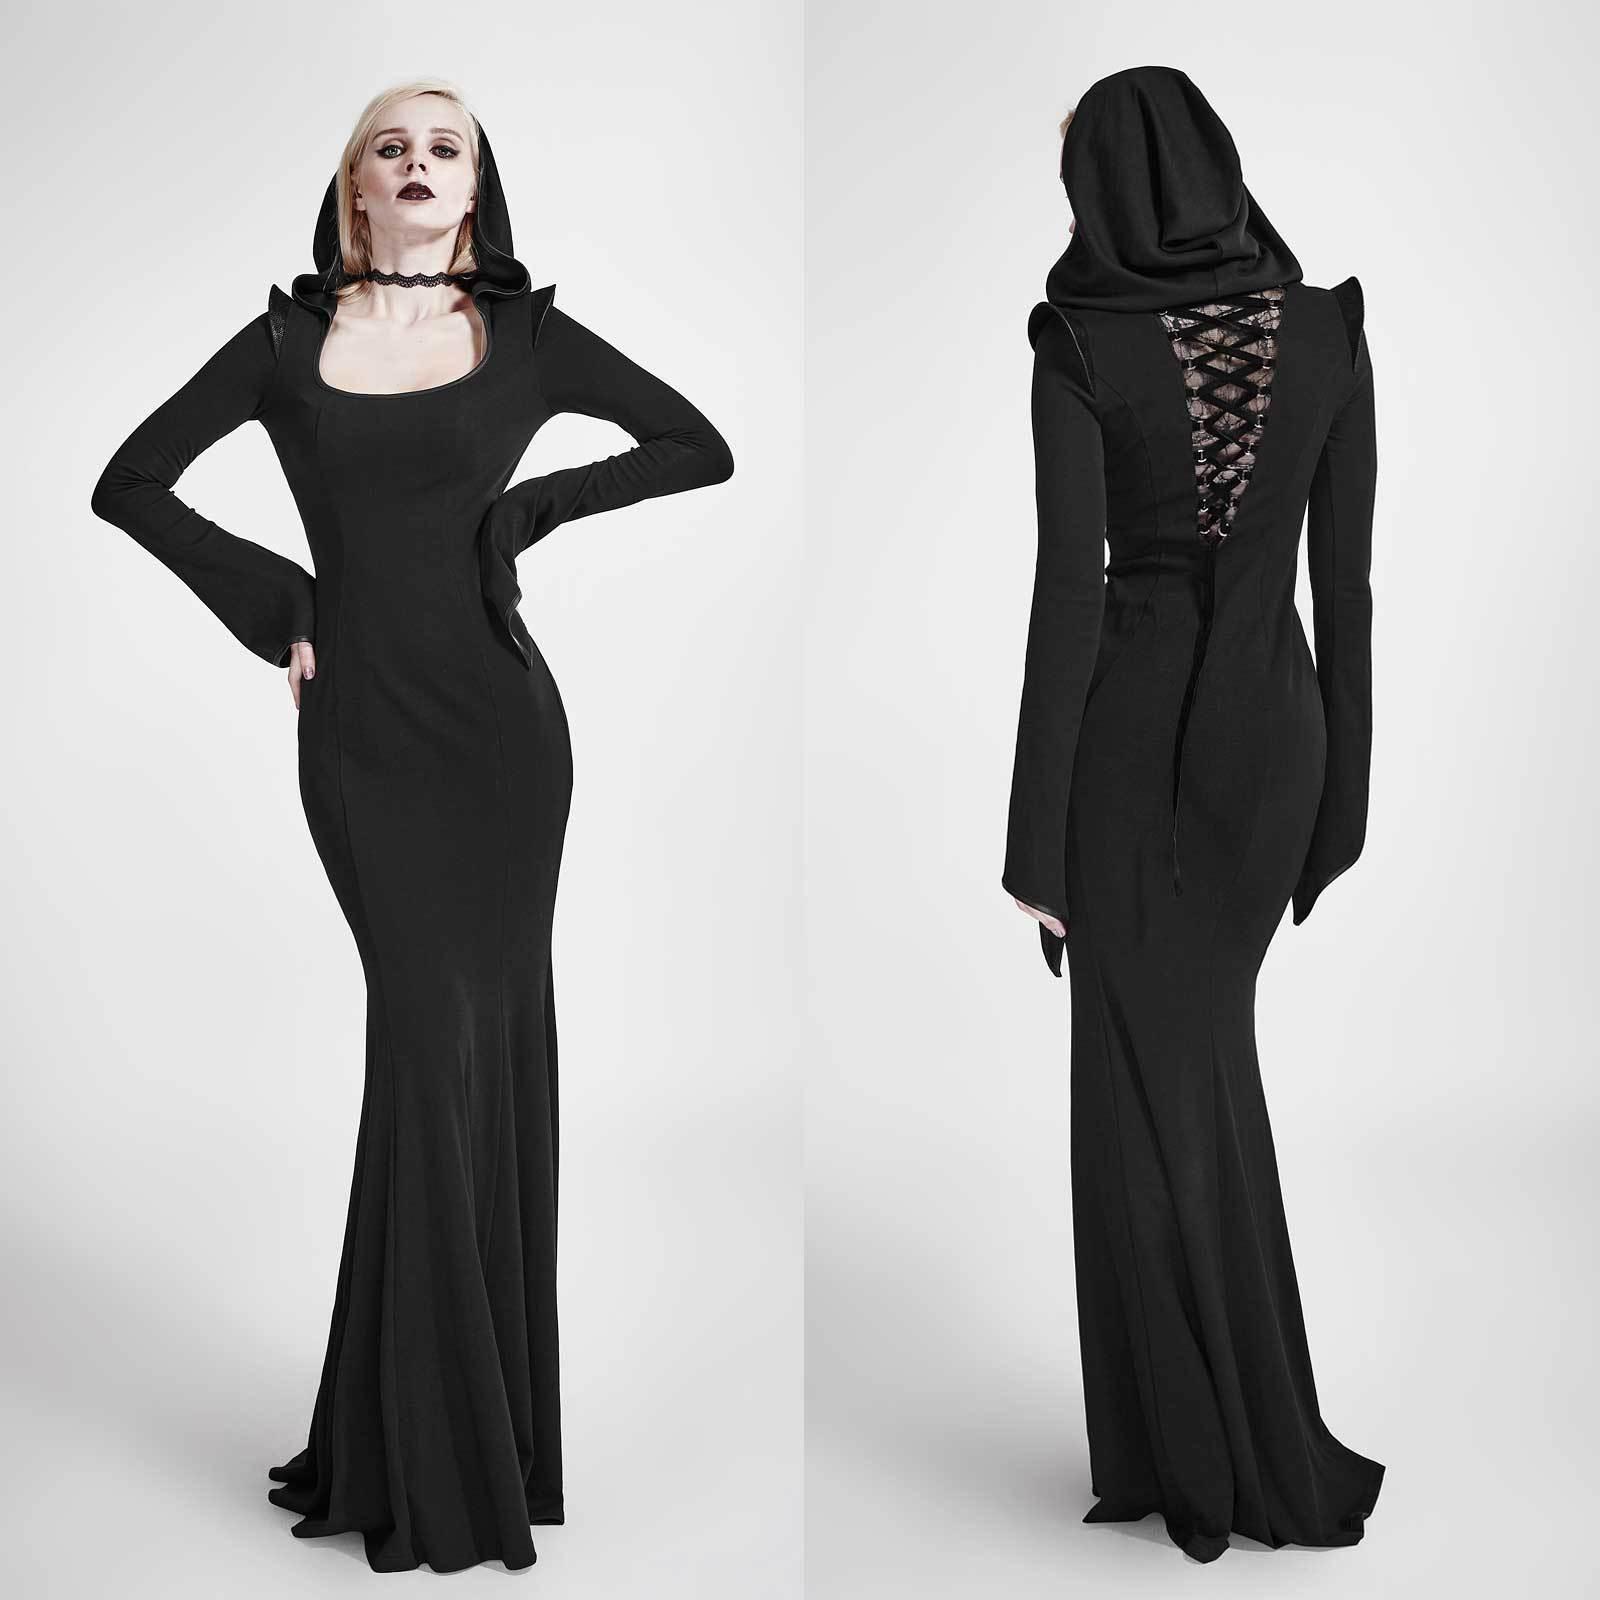 Punk rave gothic vestito abito con cappuccio cappuccio cappuccio Hooded Goth DRESS WICCA STREGA Maga Magò 0fc8fc